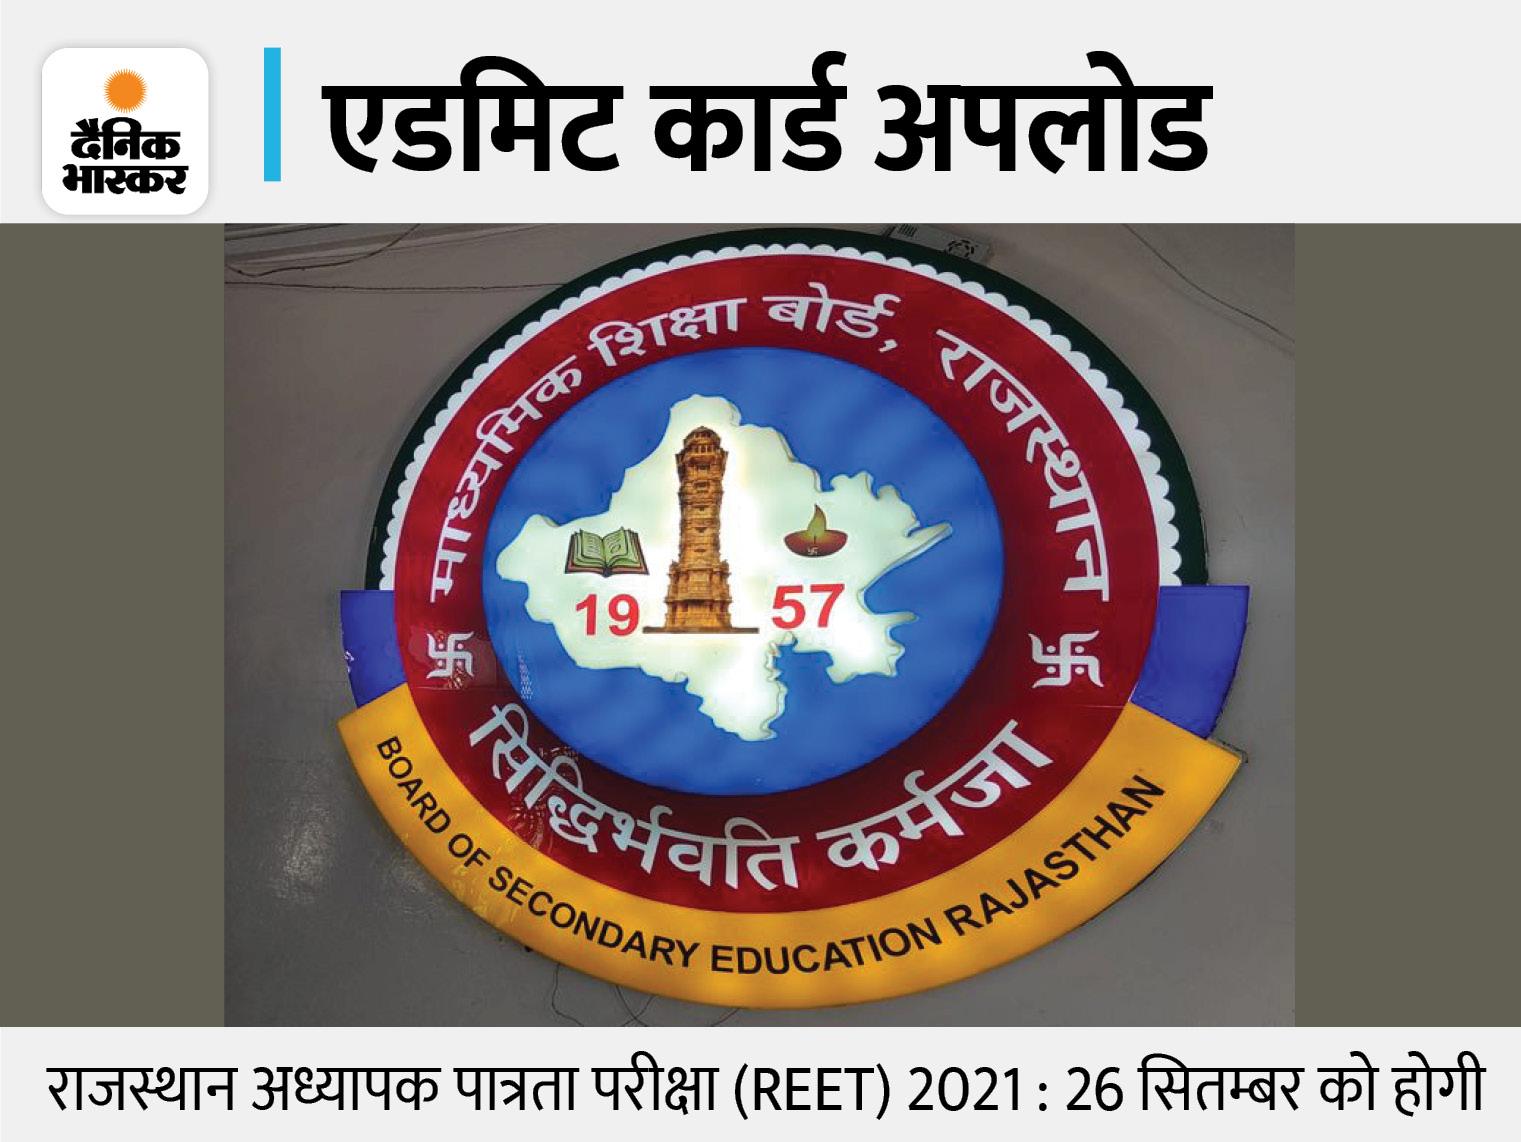 RBSE ने एडमिट कार्ड किए अपलोड; 26 सितम्बर को दो पारियों में होगी परीक्षा, यहां से एडमिट कार्ड डाउनलोड करें REET 2021,REET 2021 - Dainik Bhaskar